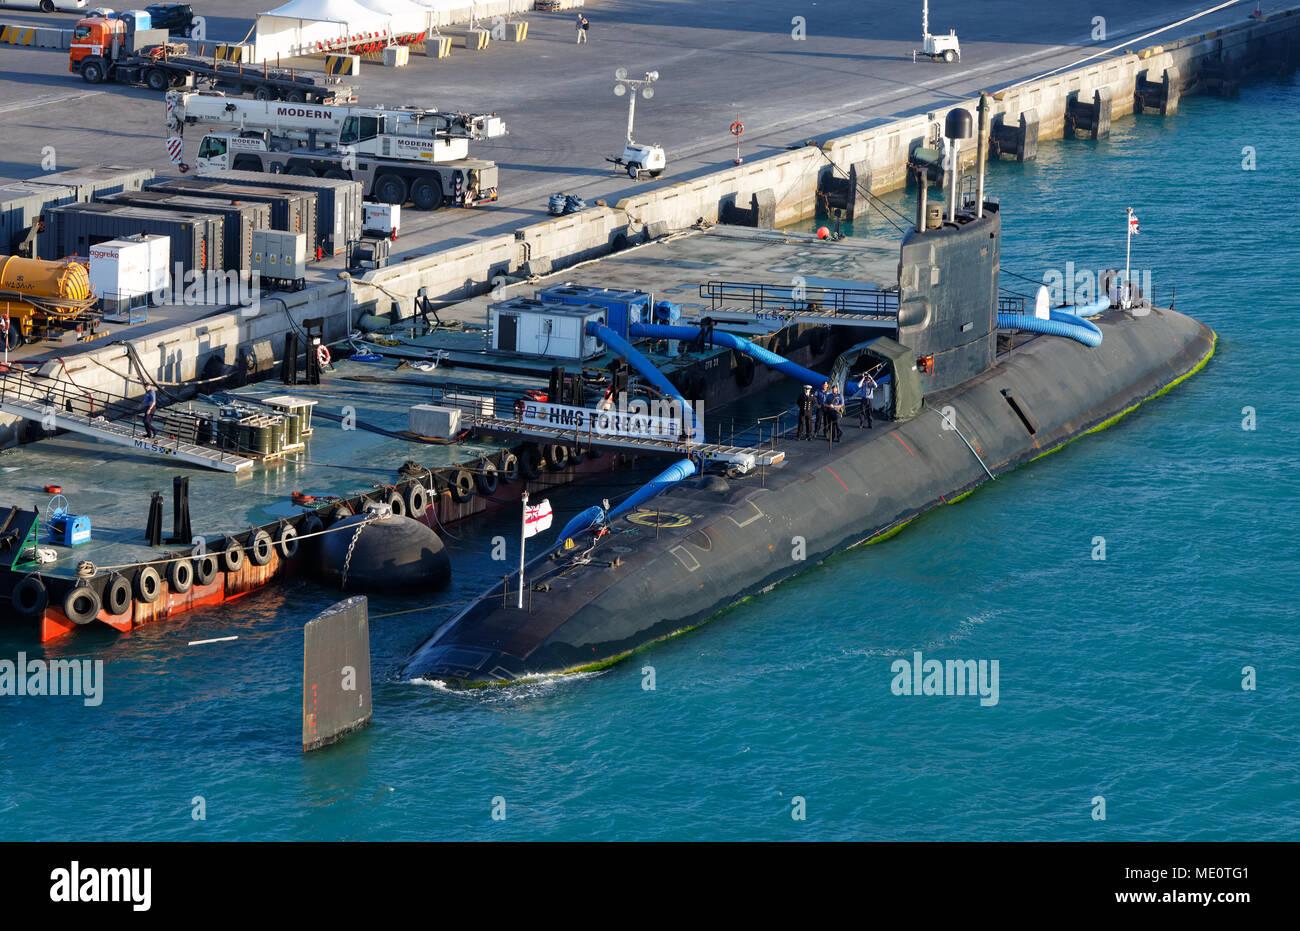 British Military, Submarine, U-Boot, Stock Photo